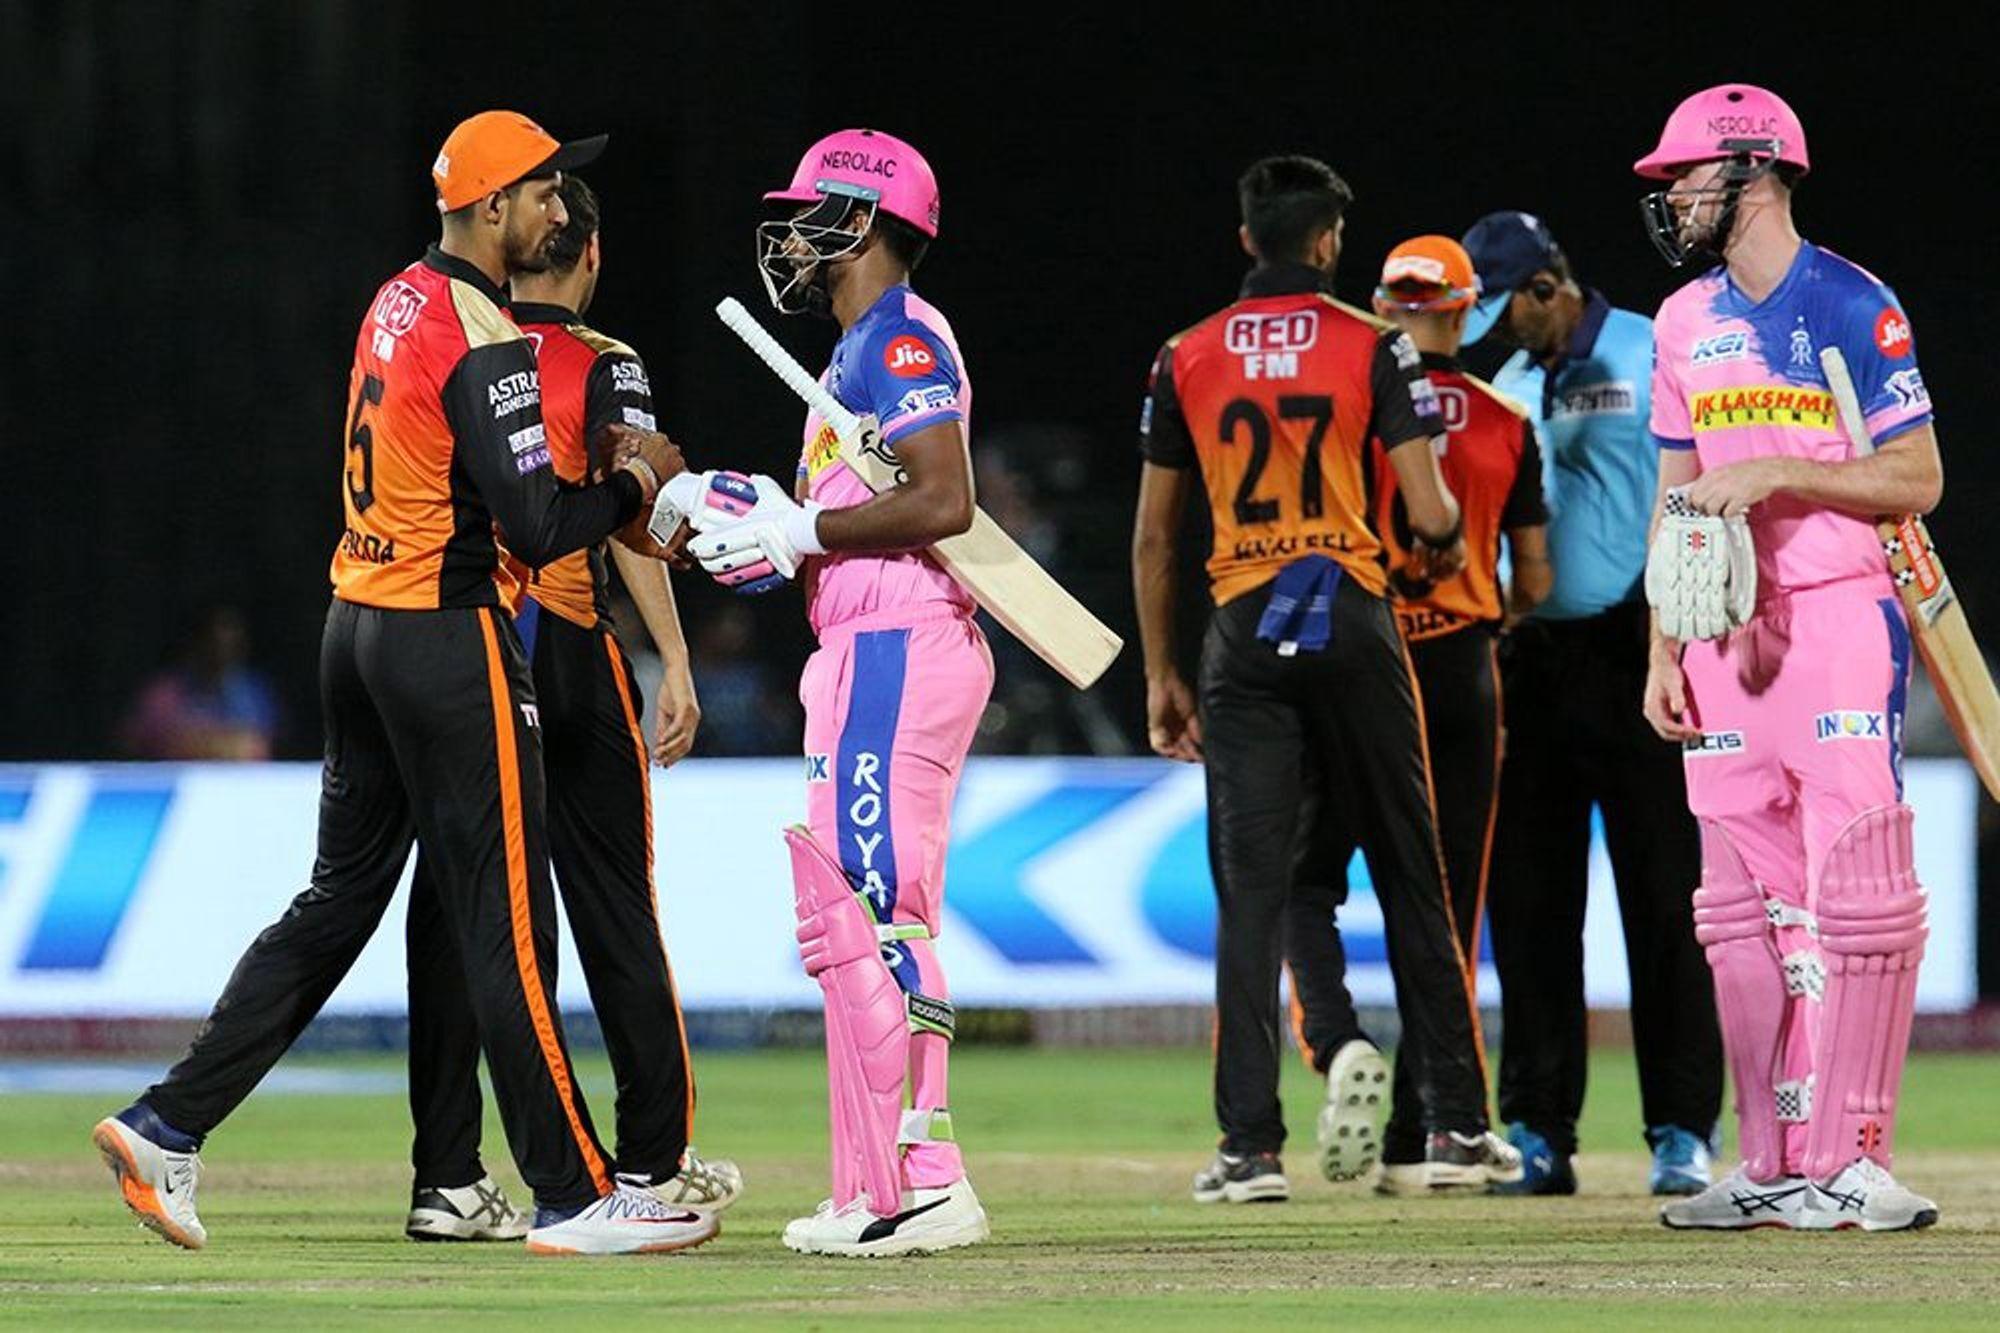 राजस्थान रॉयल्स के खिलाफ सनराइजर्स हैदराबाद की हार के ये रहे तीन प्रमुख कारण 1